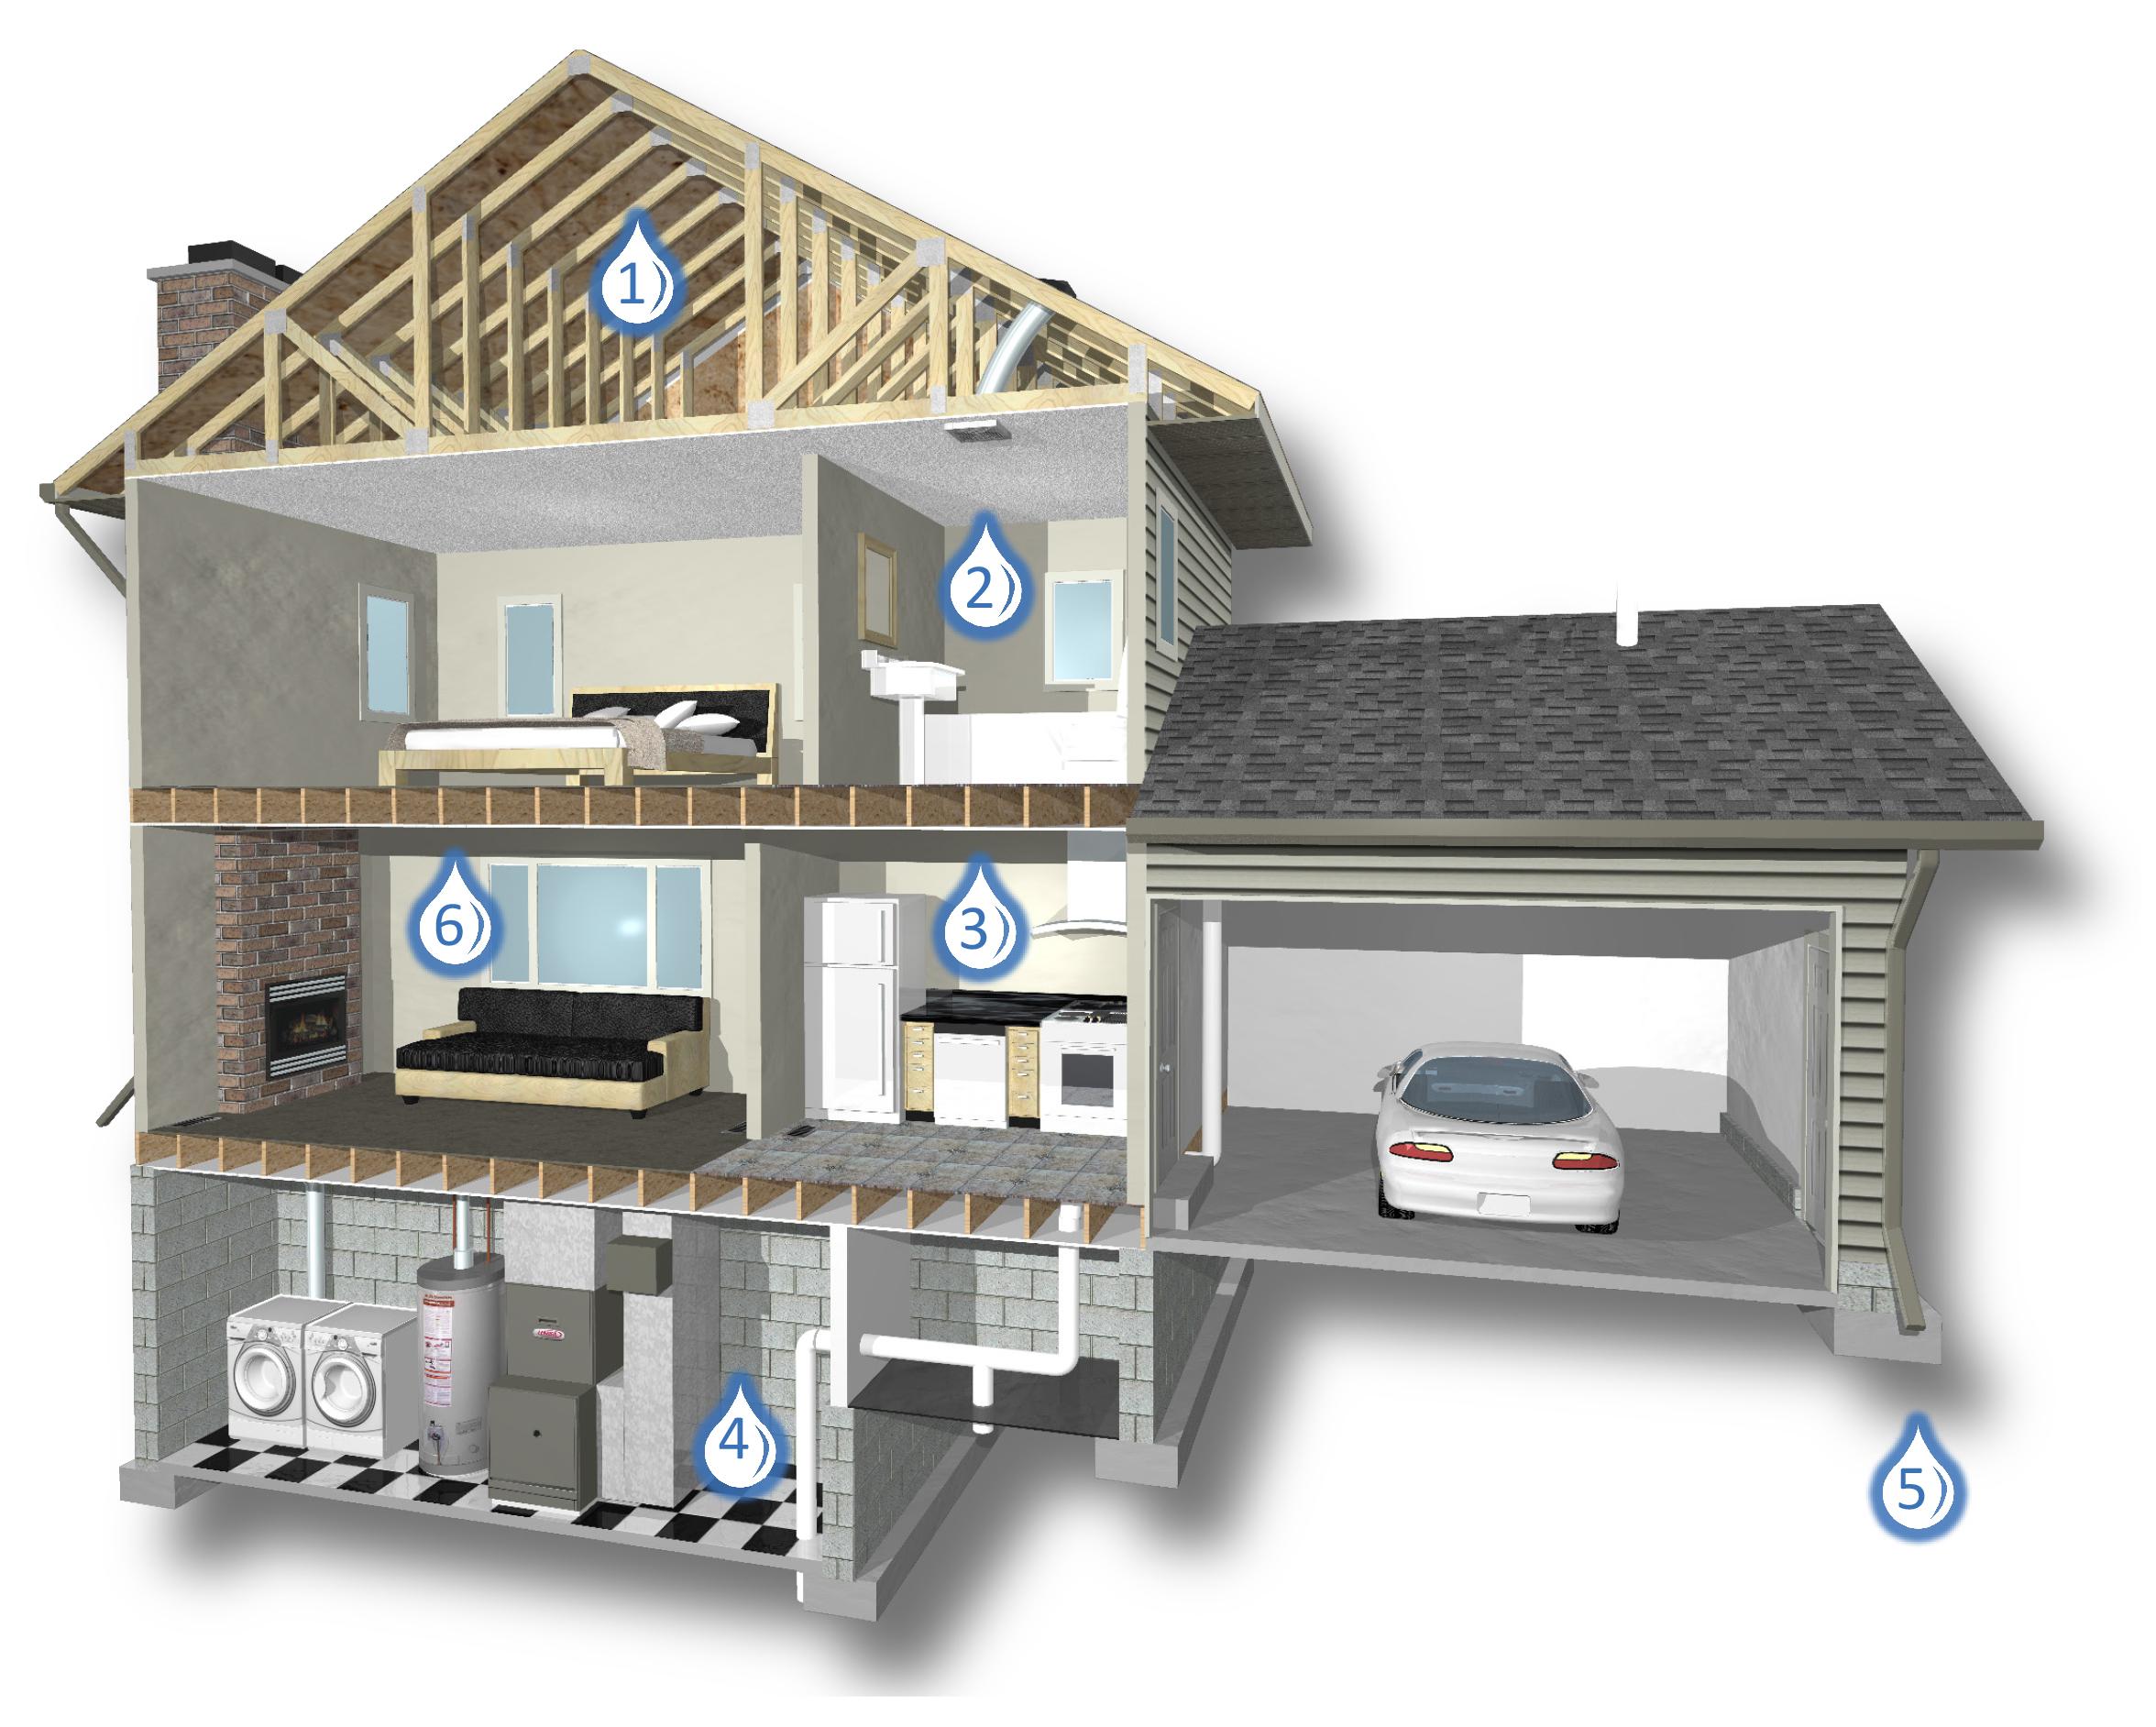 Pomieszczenia budynku z miejscami skraplania wody